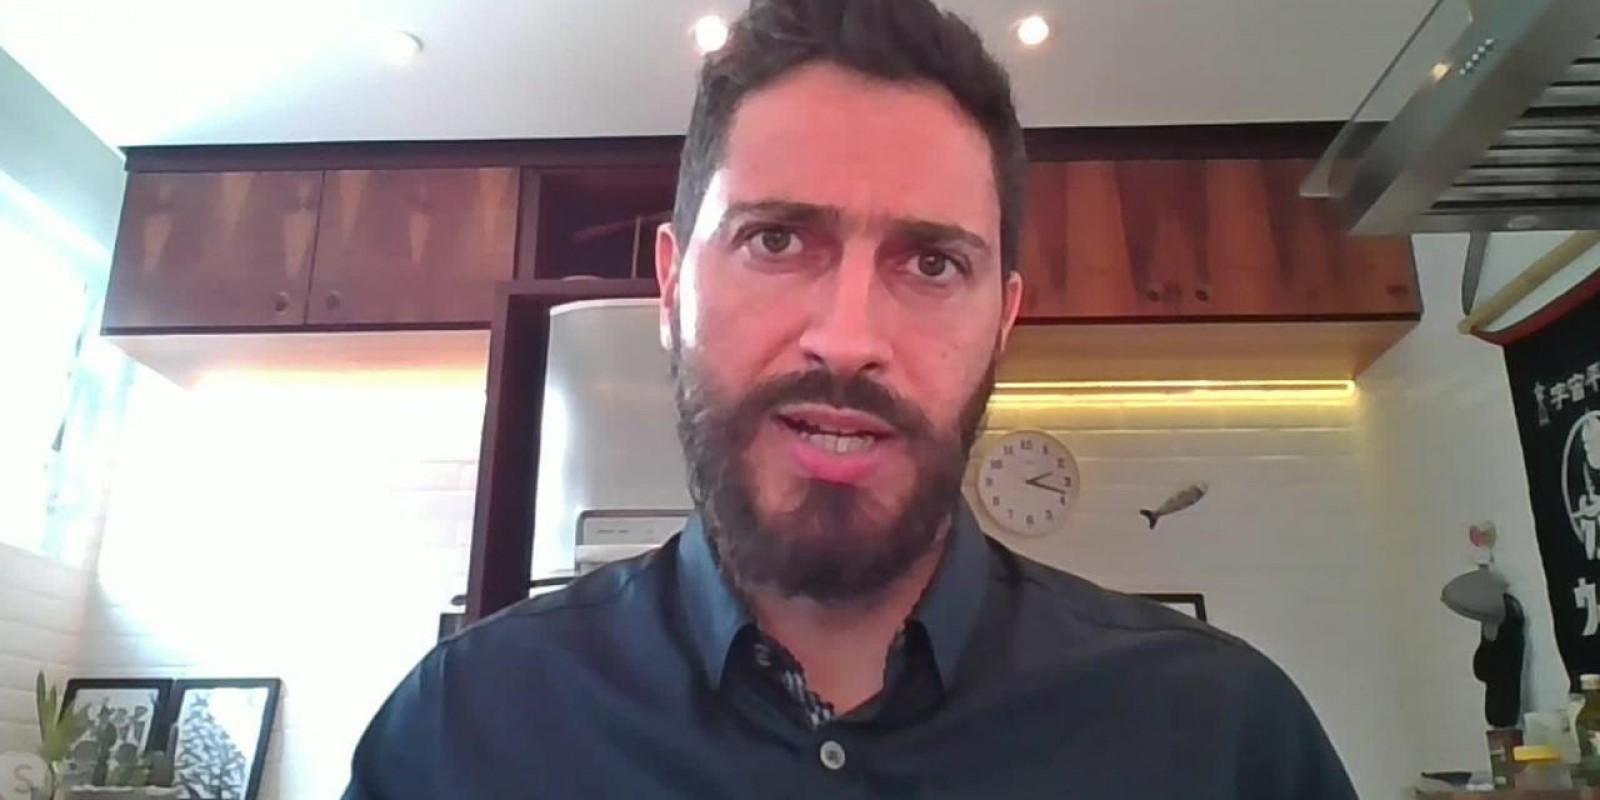 Entrevista com Ronaldo Lemos sobre reconhecimento facial